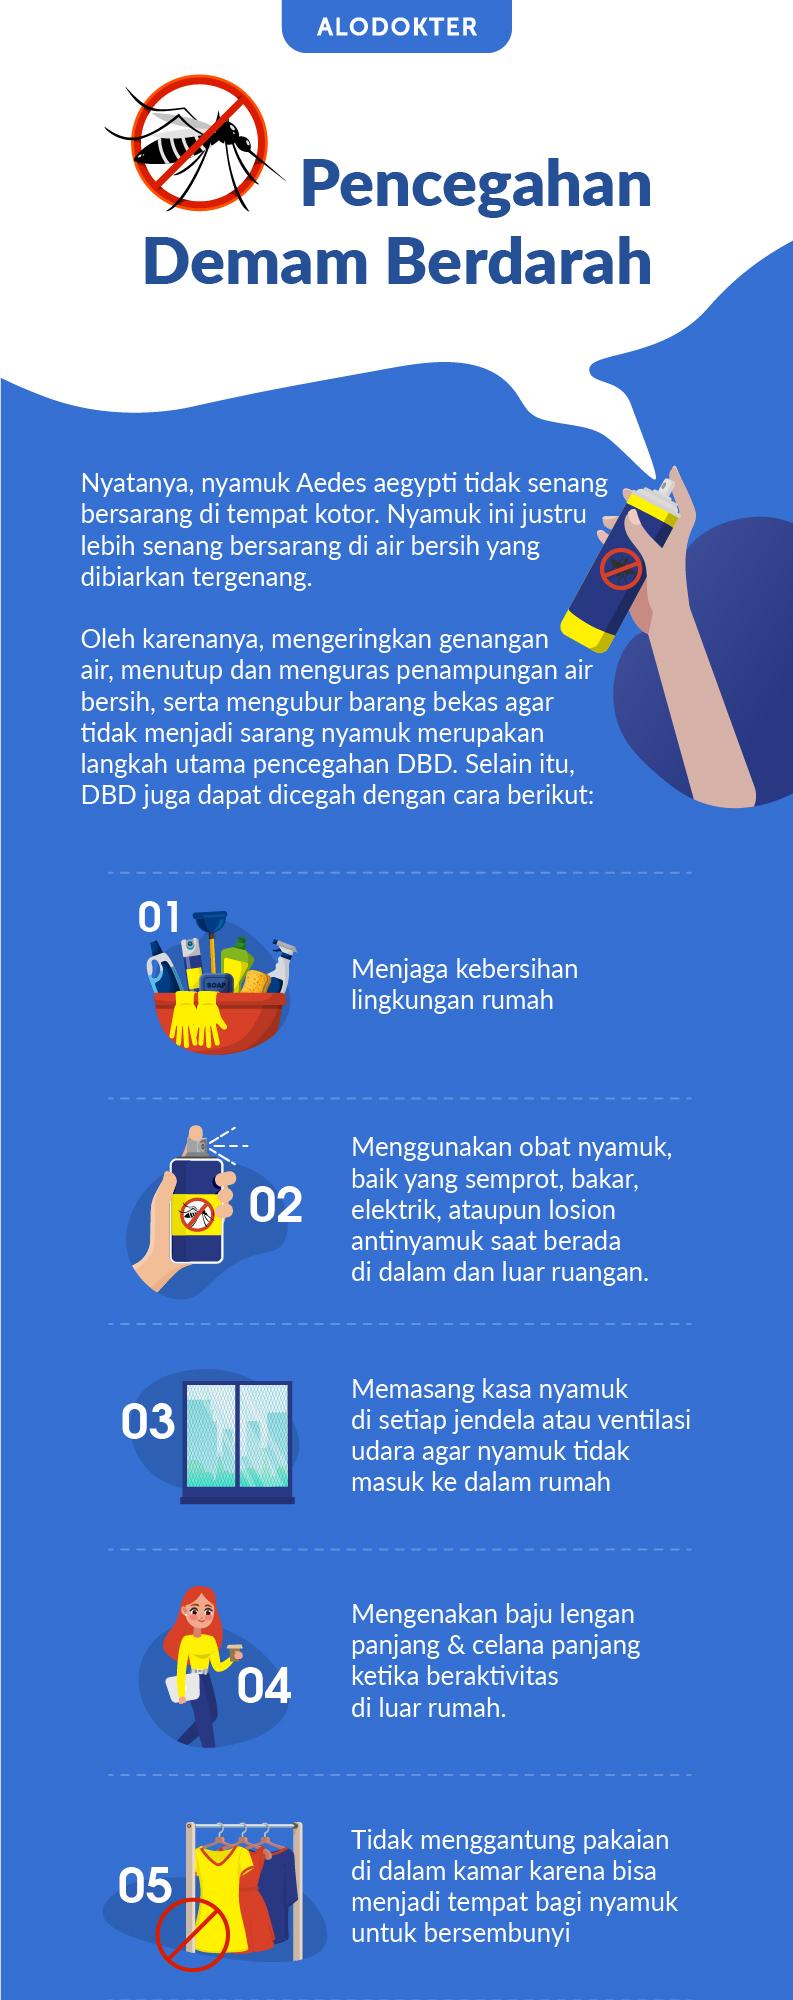 Fakta-Fakta dan Pencegahan DBD - Alodokter